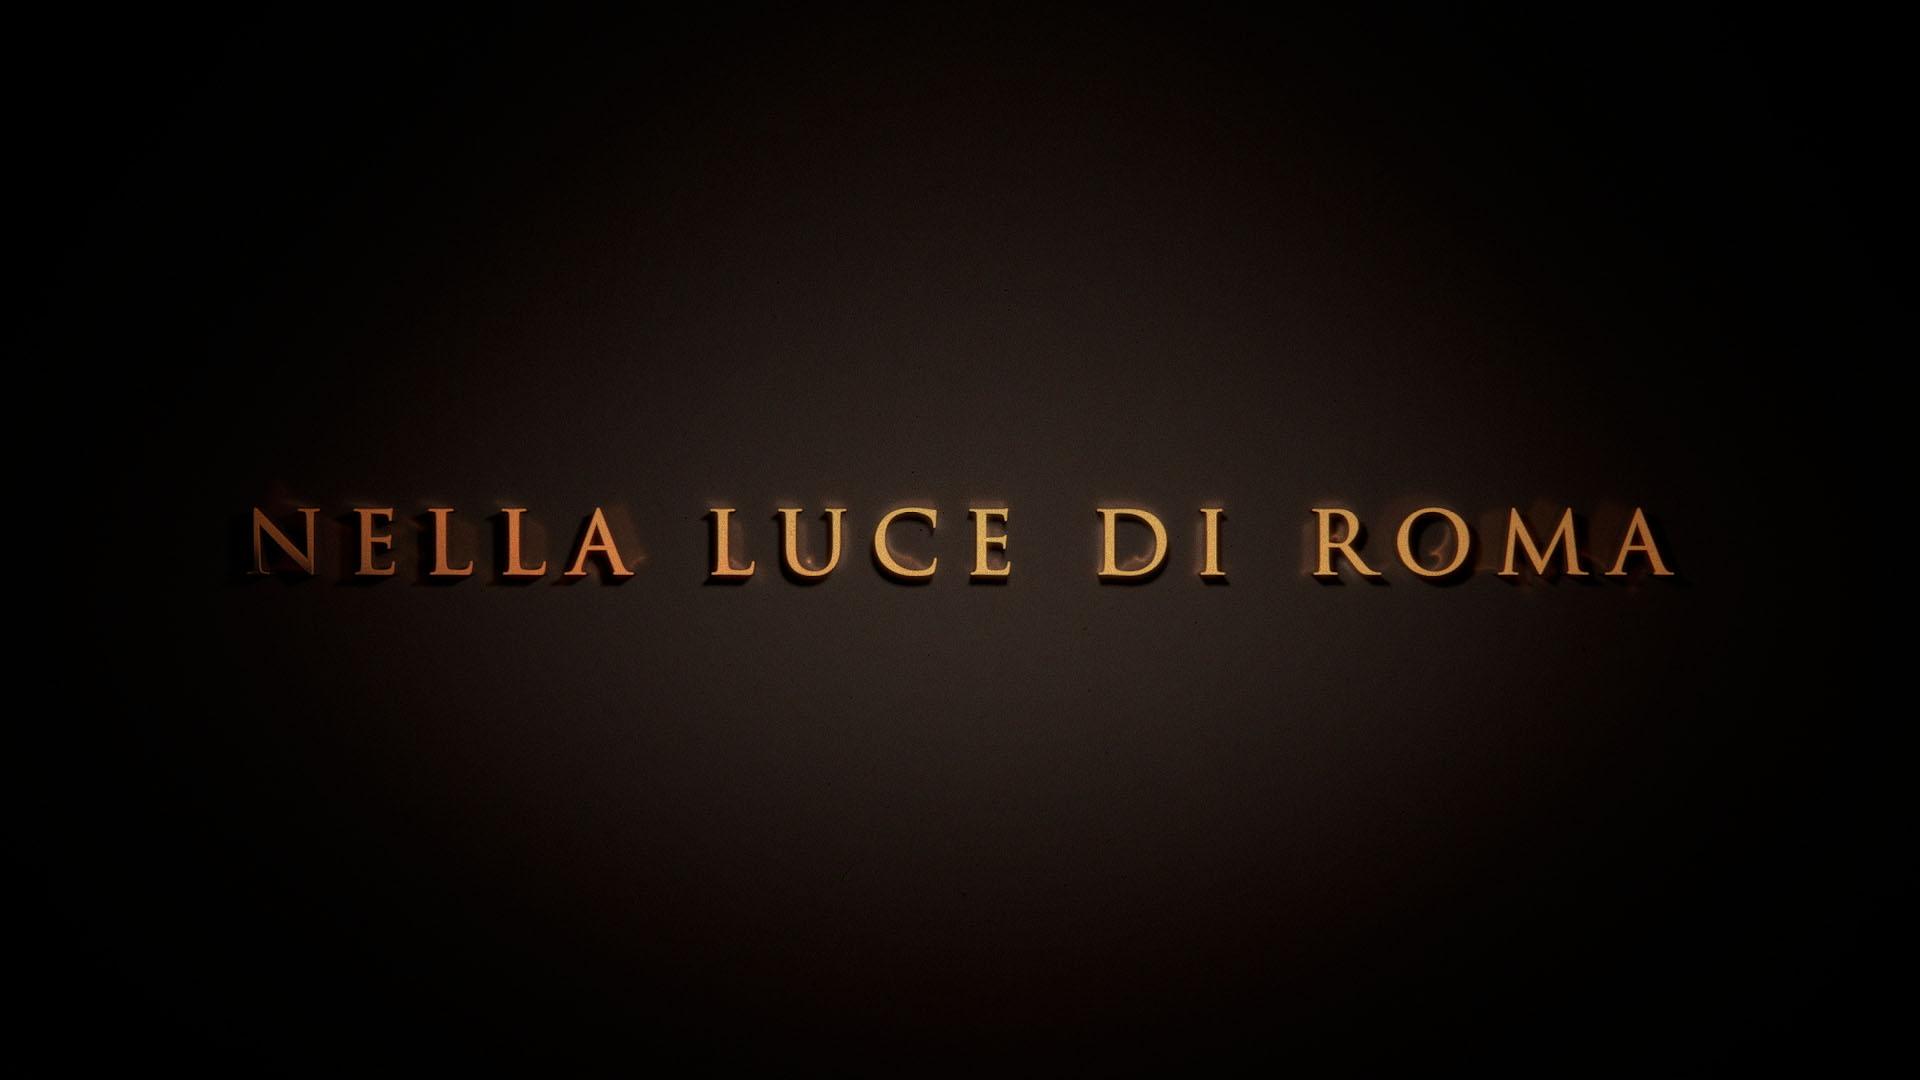 Nella luce di Roma